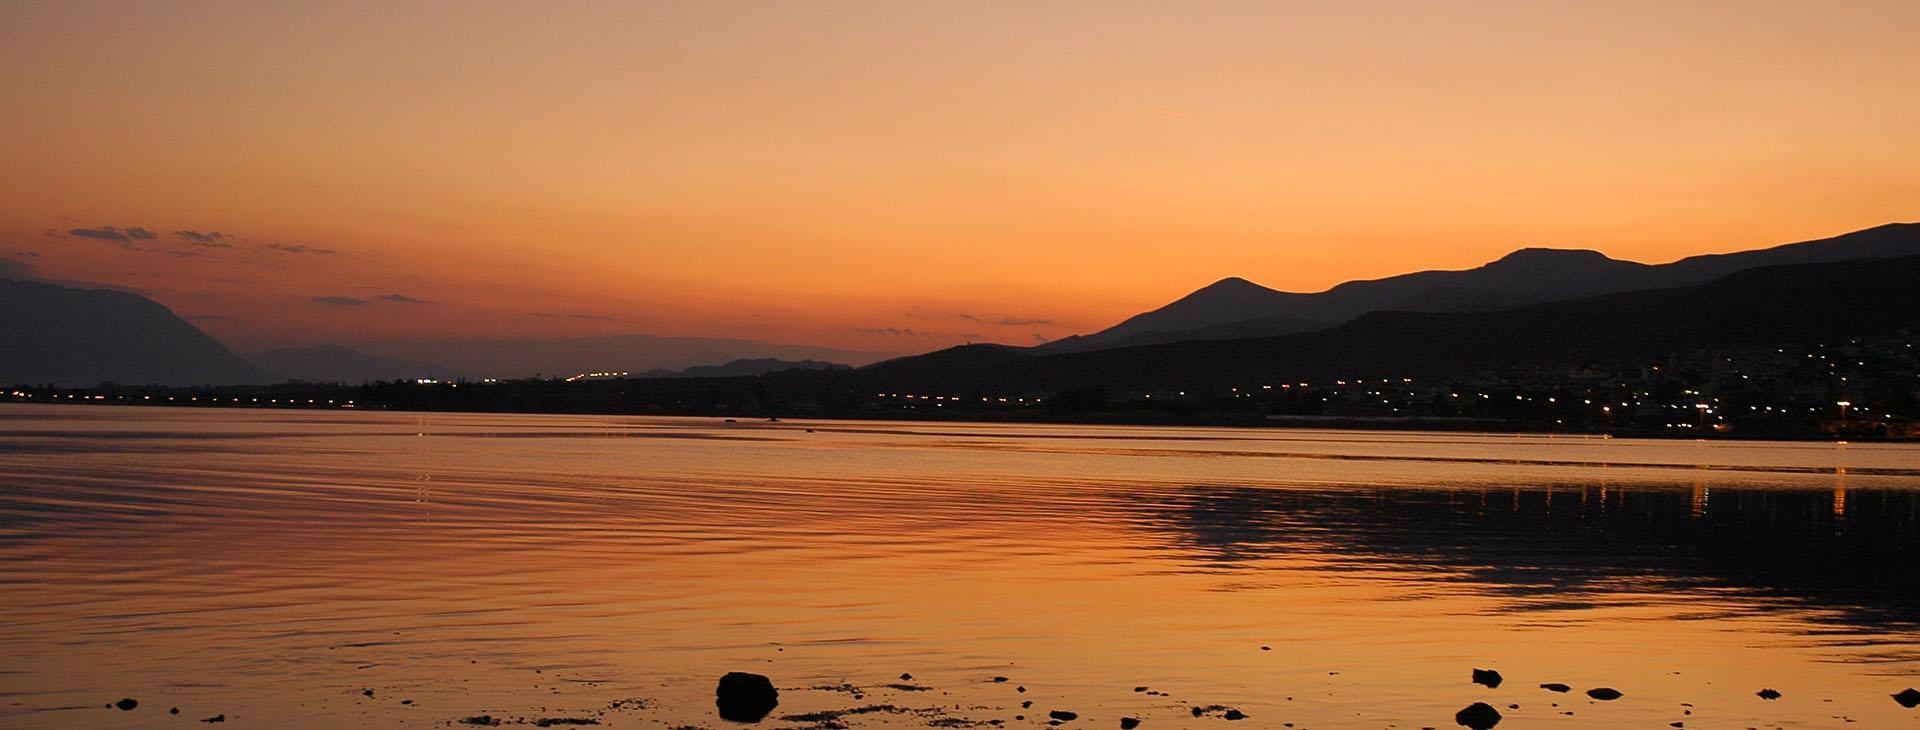 Sunset over Stylida, Fthiotida